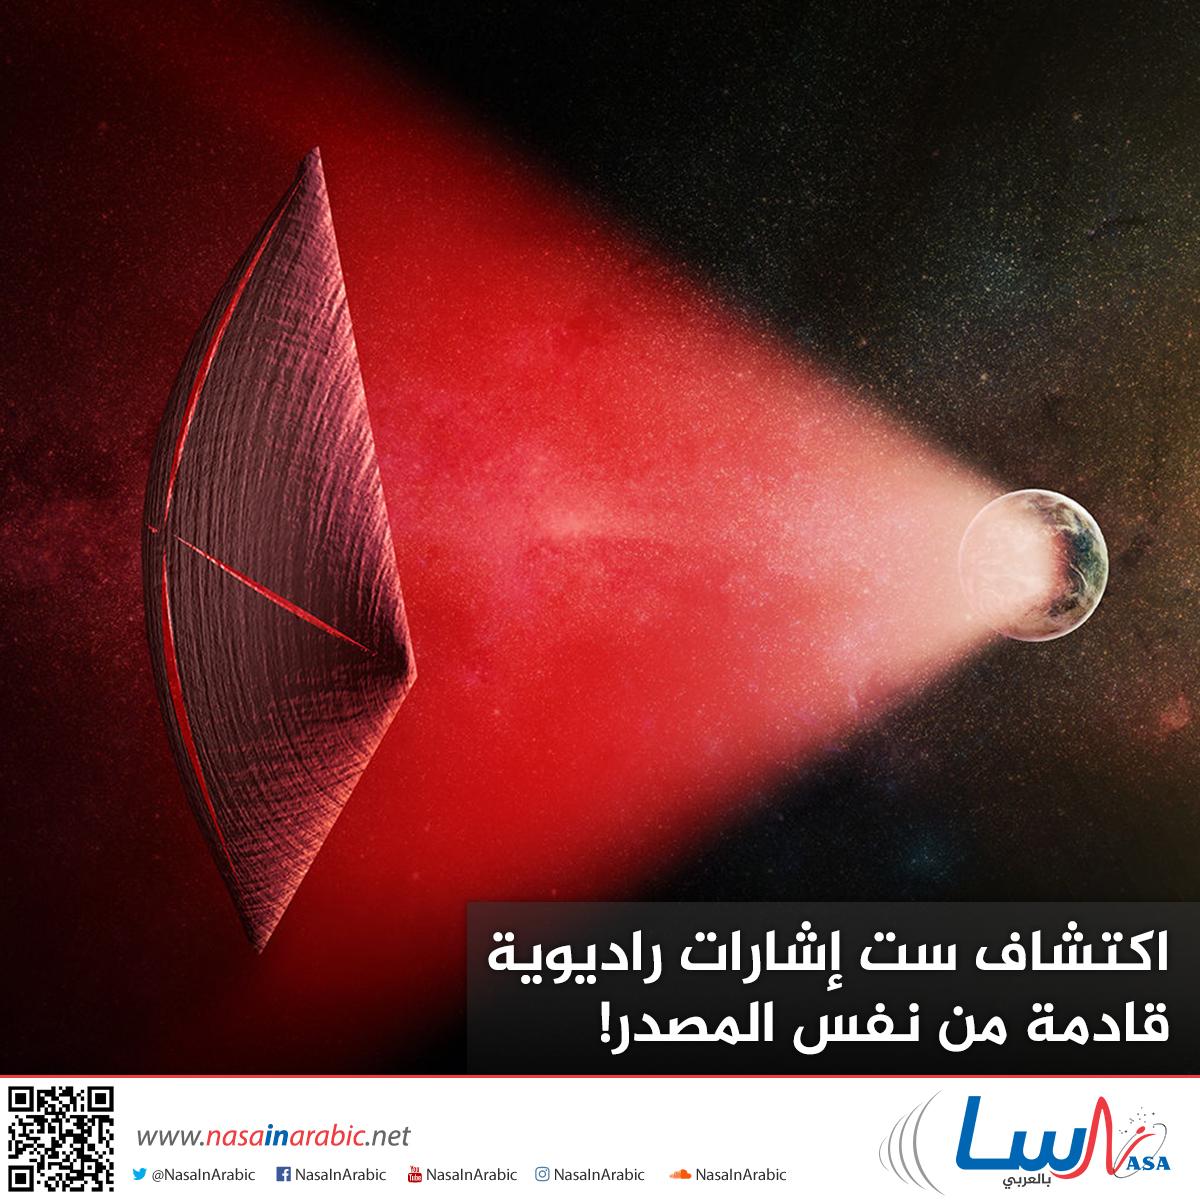 اكتشاف ست إشارات راديوية قادمة من نفس المصدر!